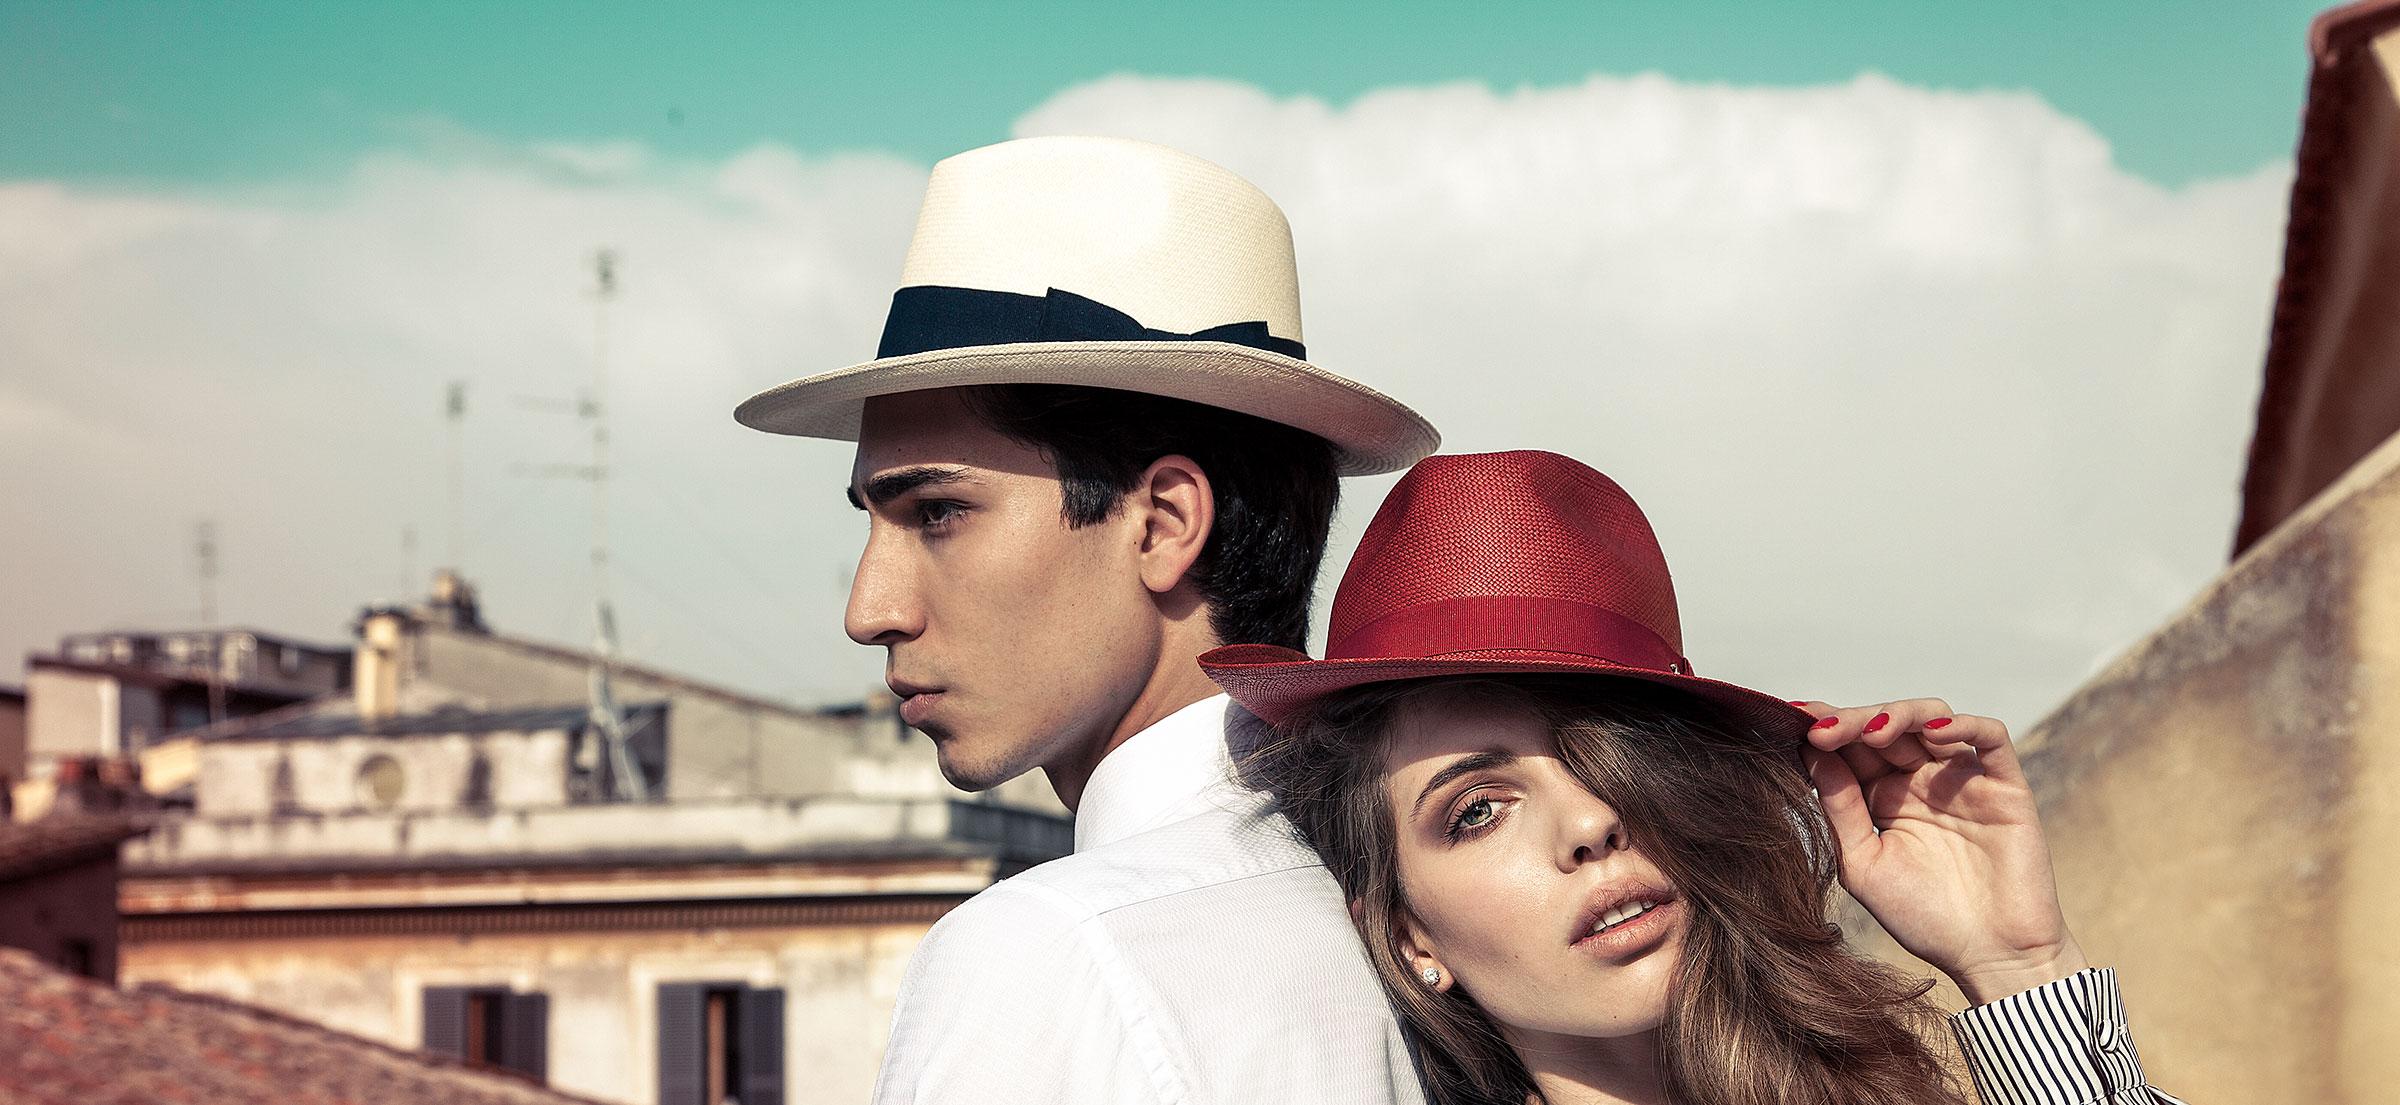 produzione-italiana-cappelli